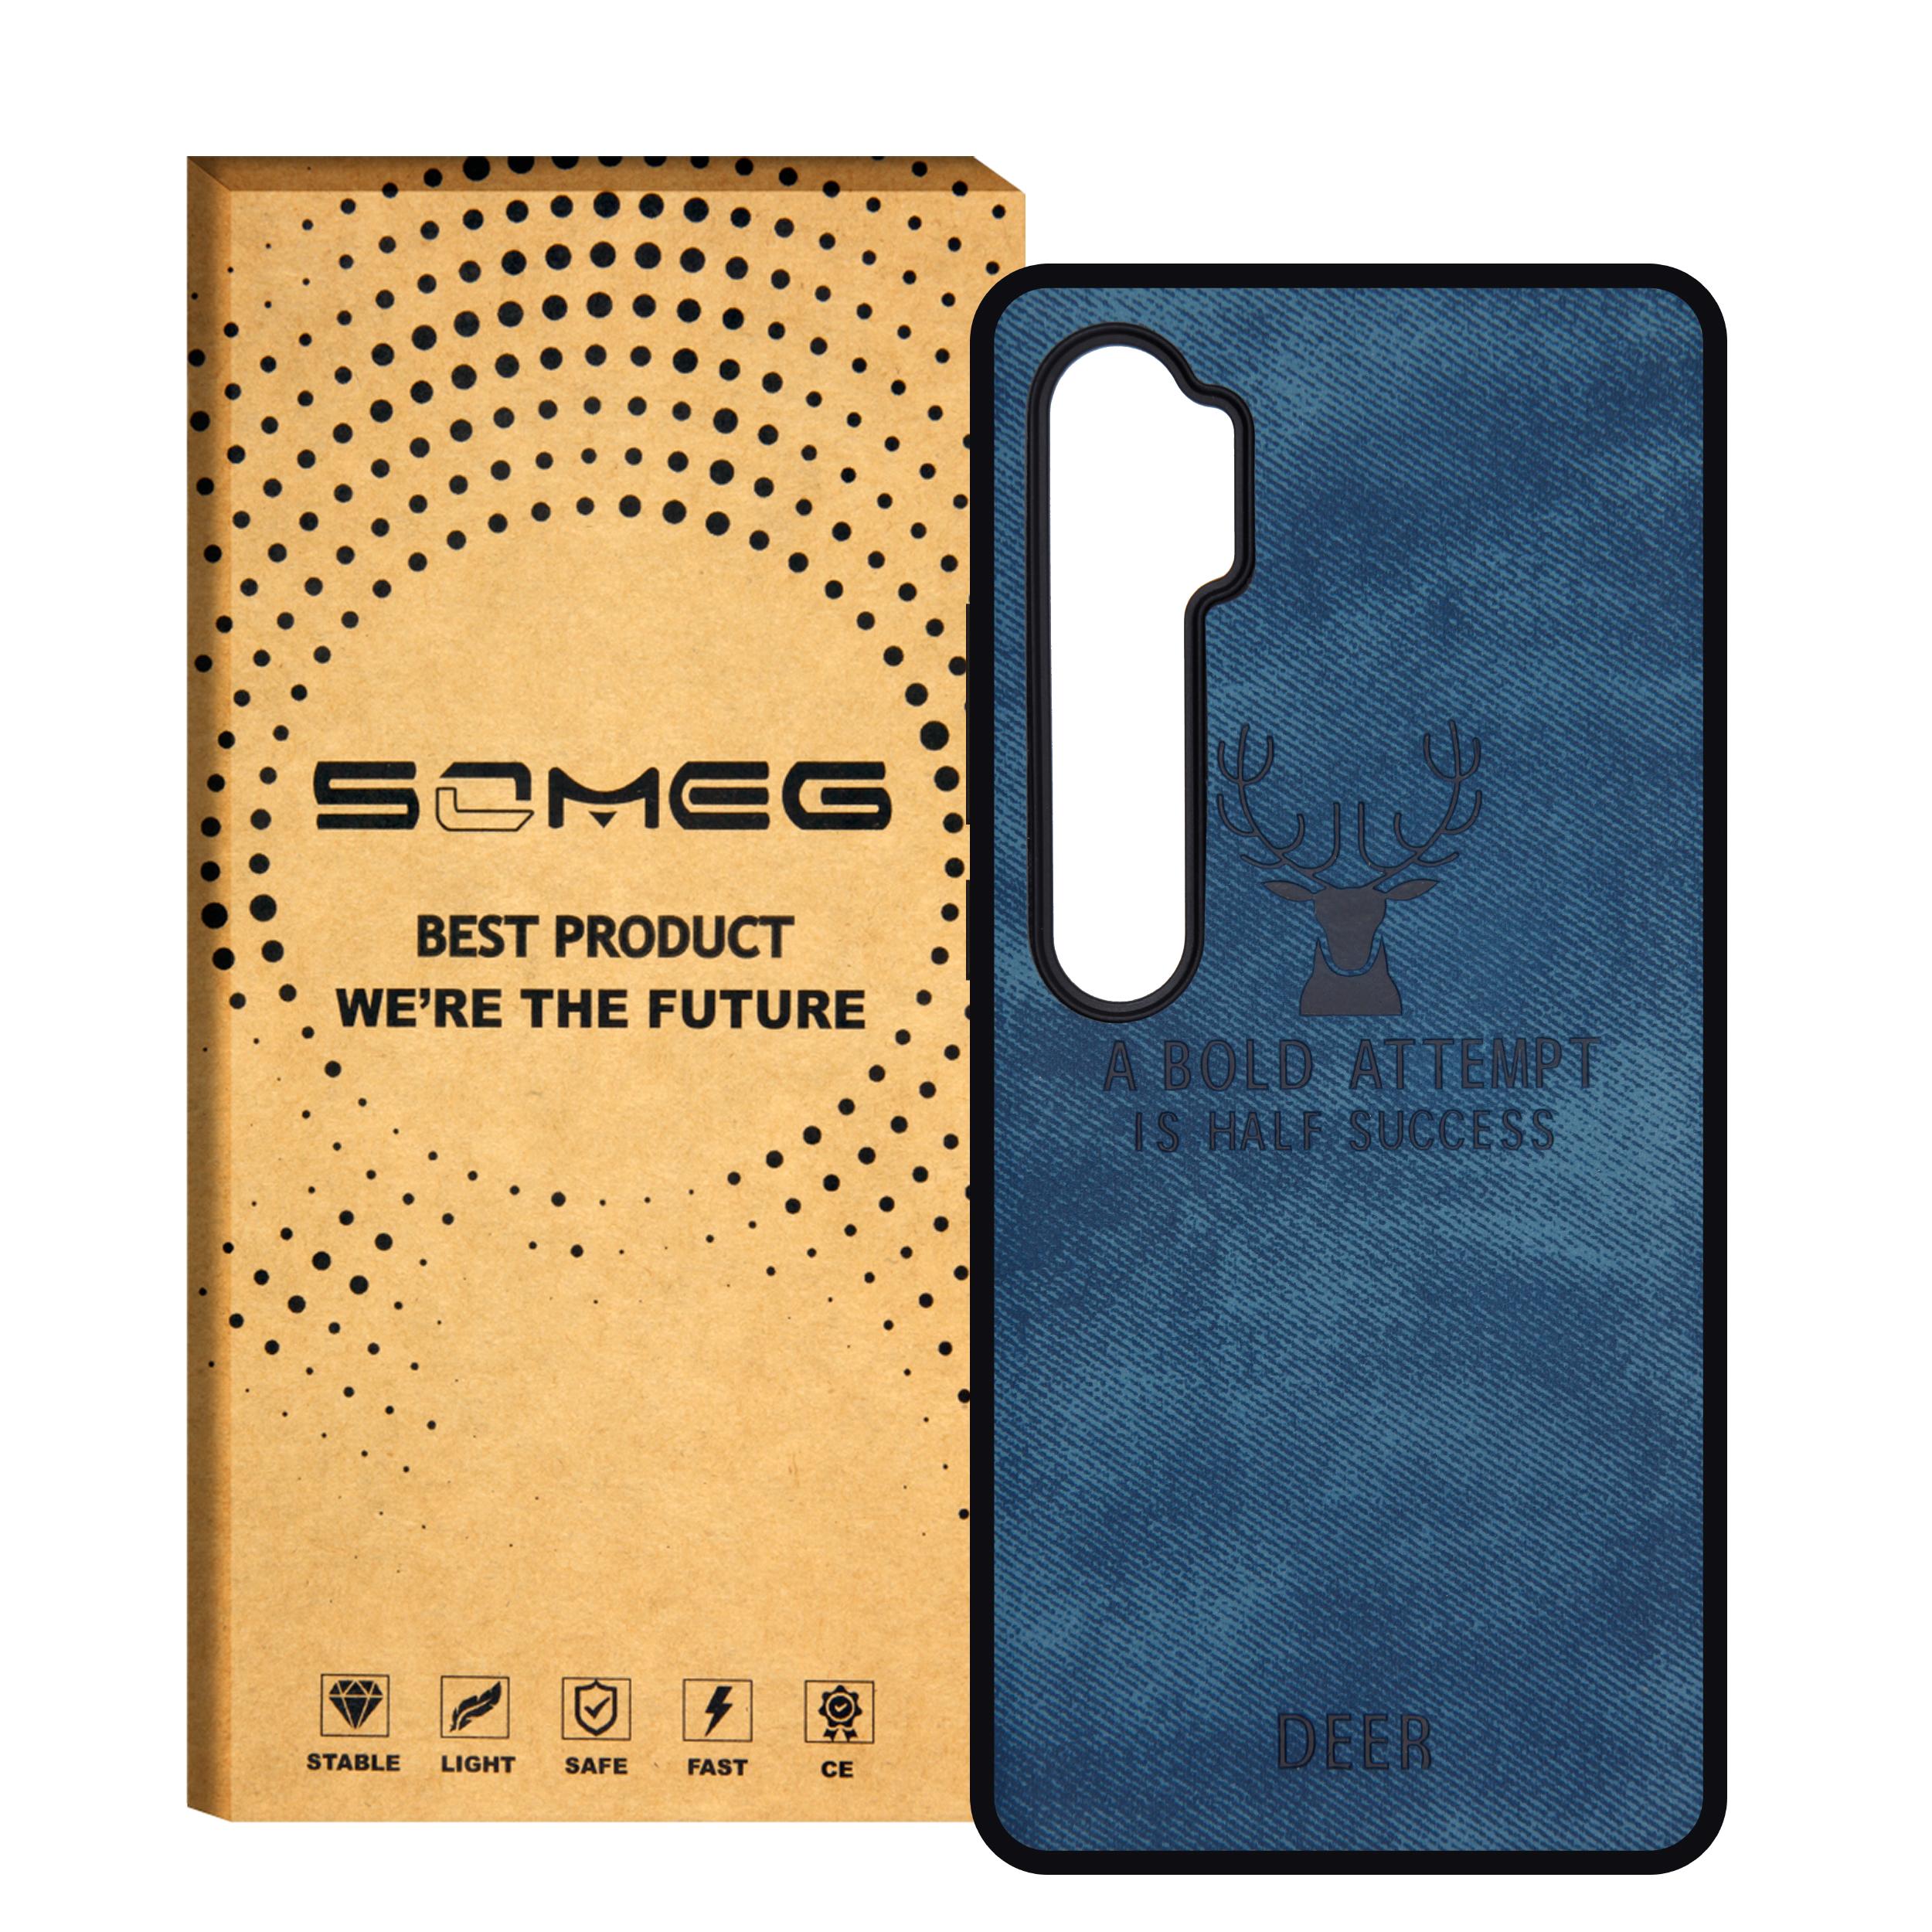 کاور سومگ مدل SMG-Der02 مناسب برای گوشی موبایل شیائومی Redmi Note10 / Note10 pro              ( قیمت و خرید)